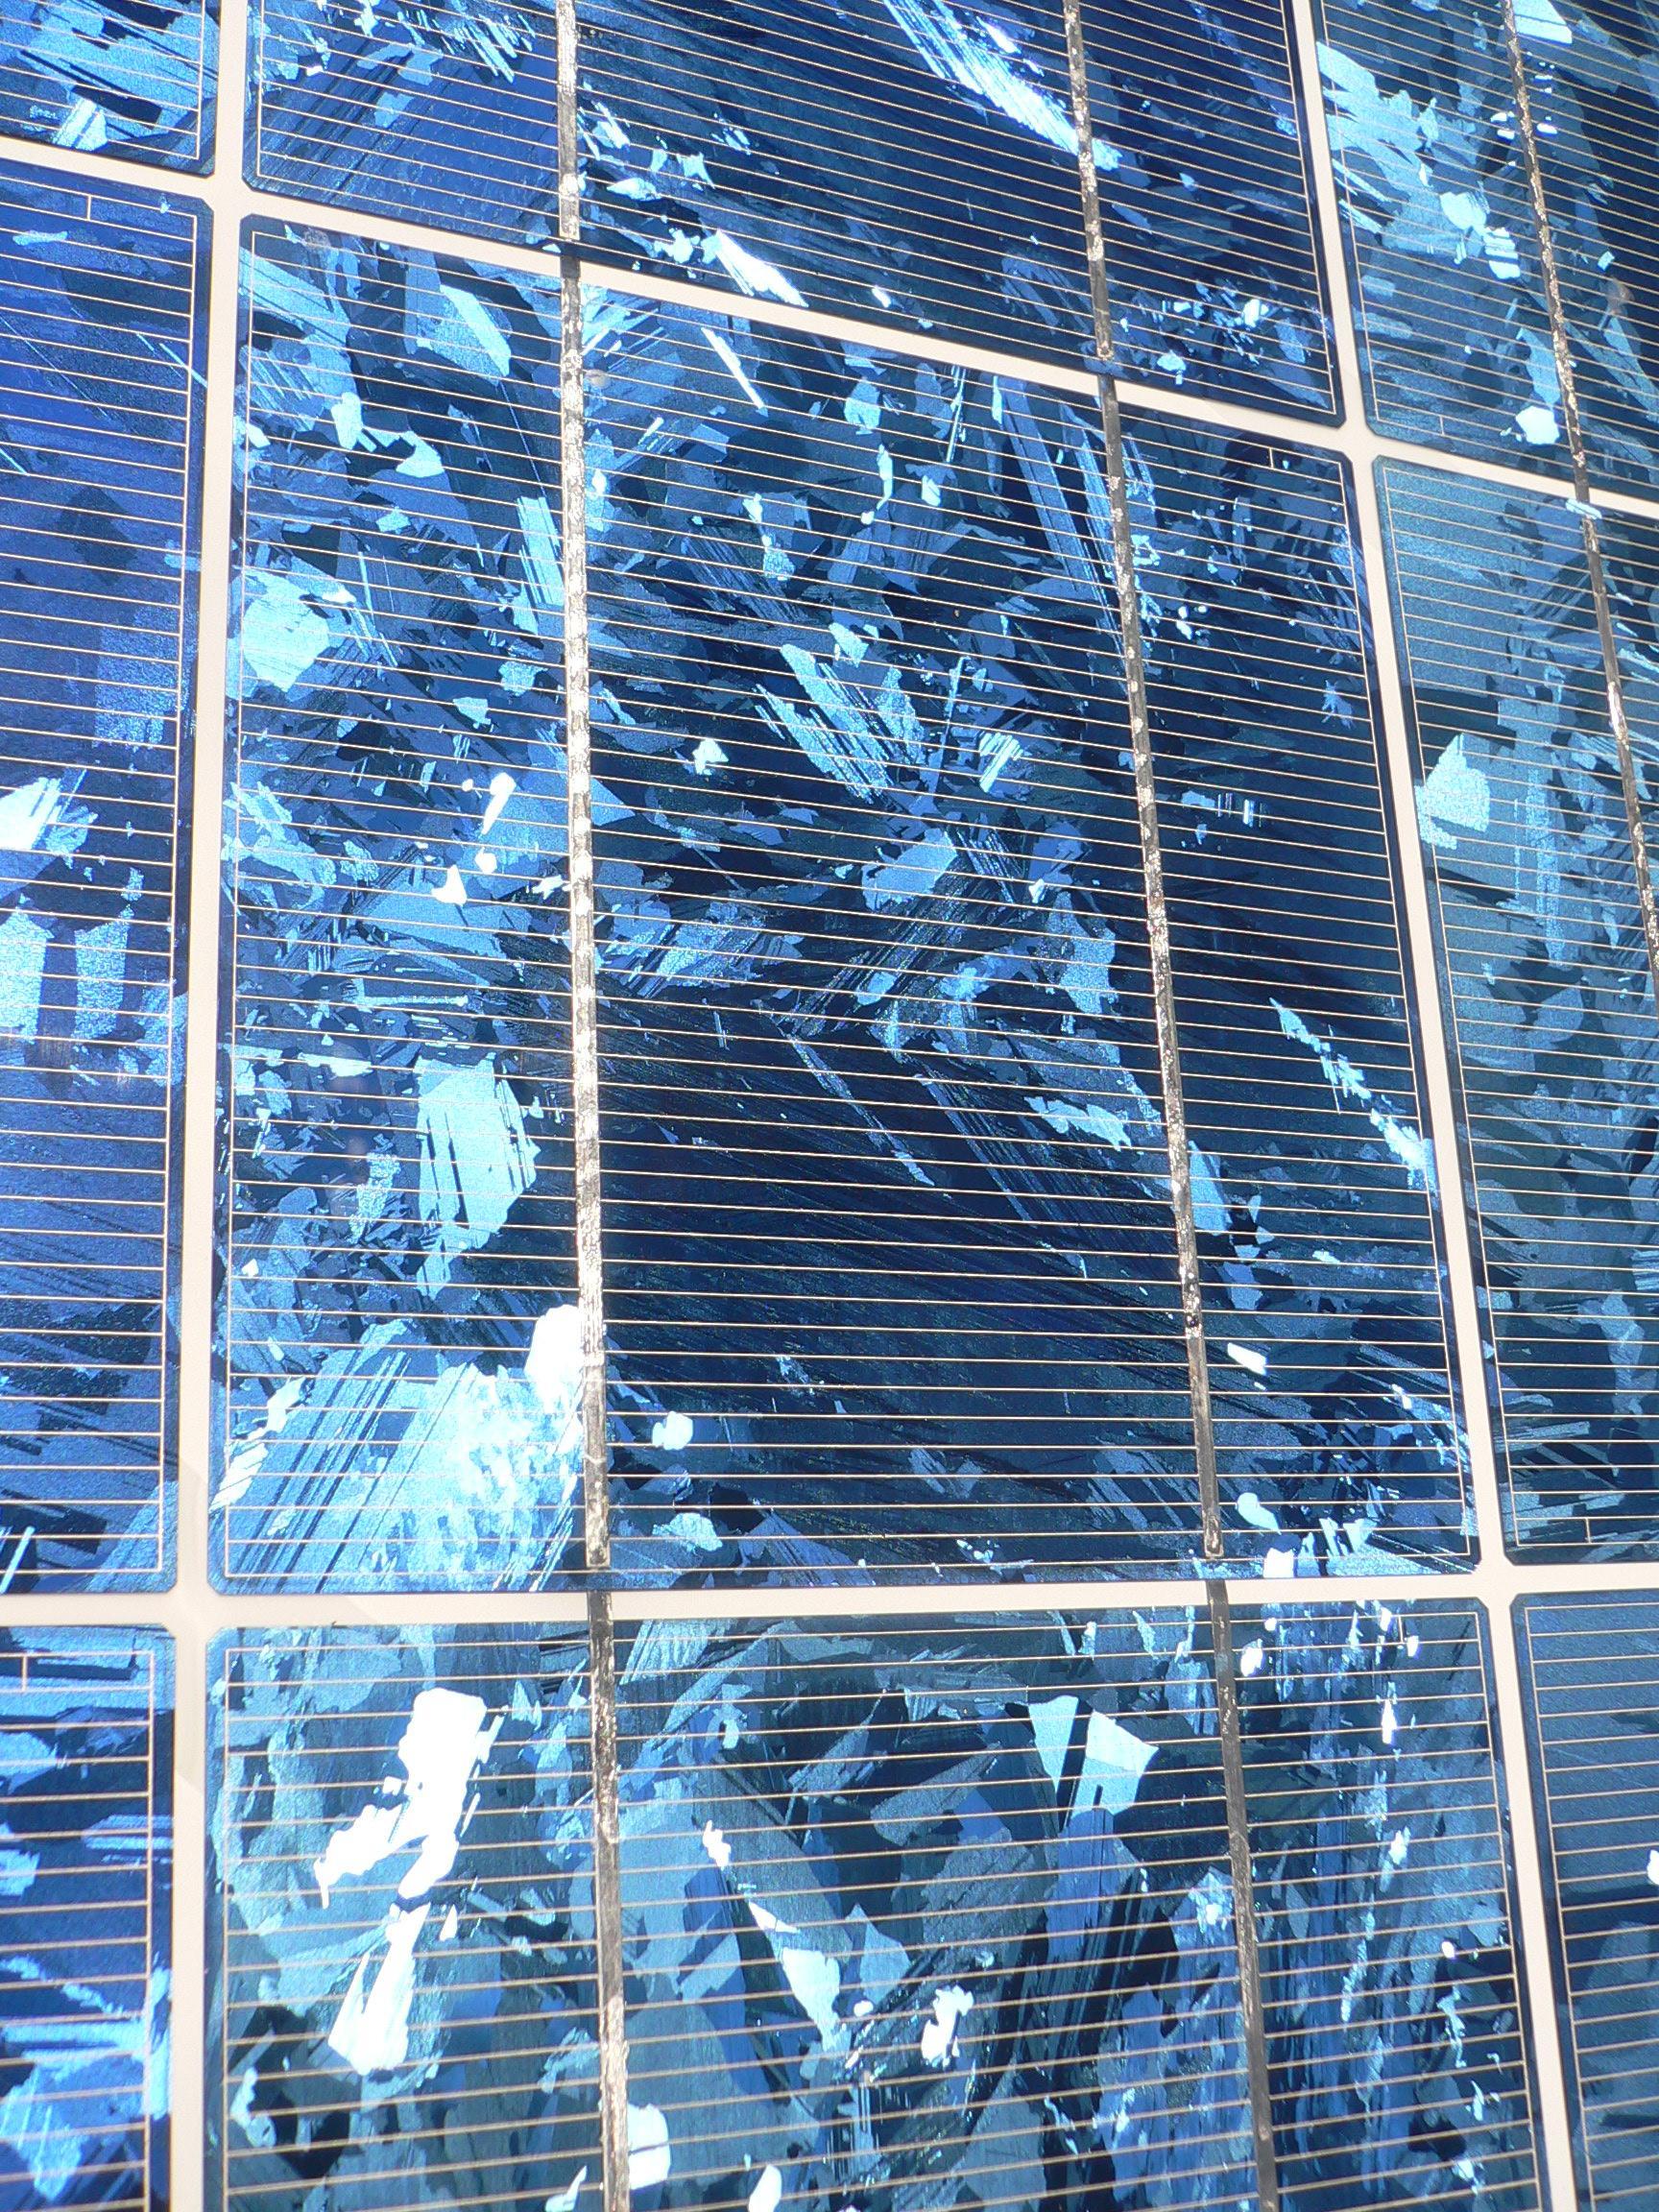 solarzelle - wikiwand, Hause ideen